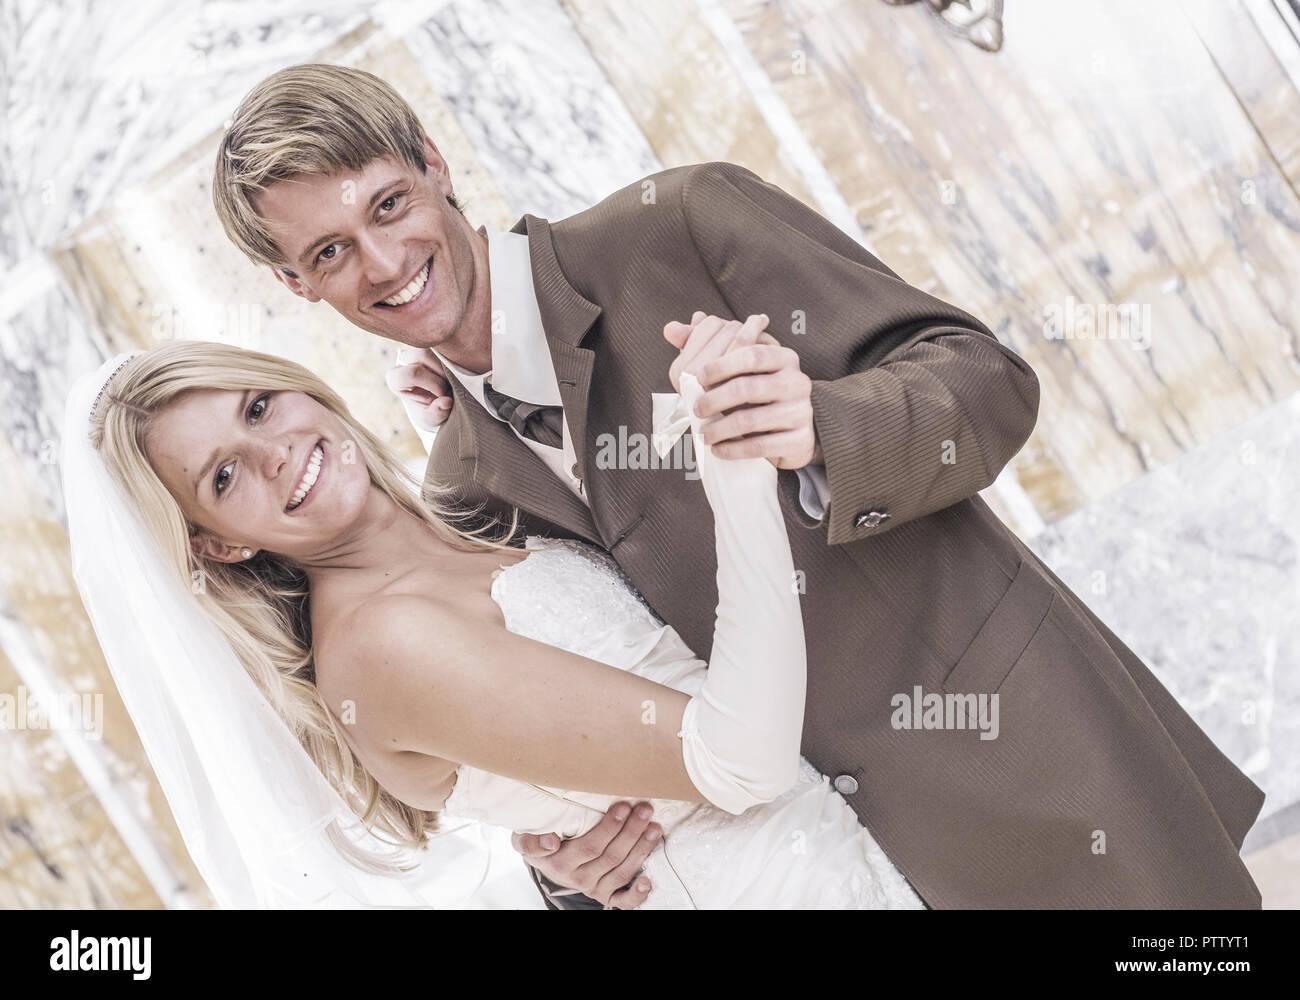 Brautpaar beim Tanzen (model-released) - Stock Image